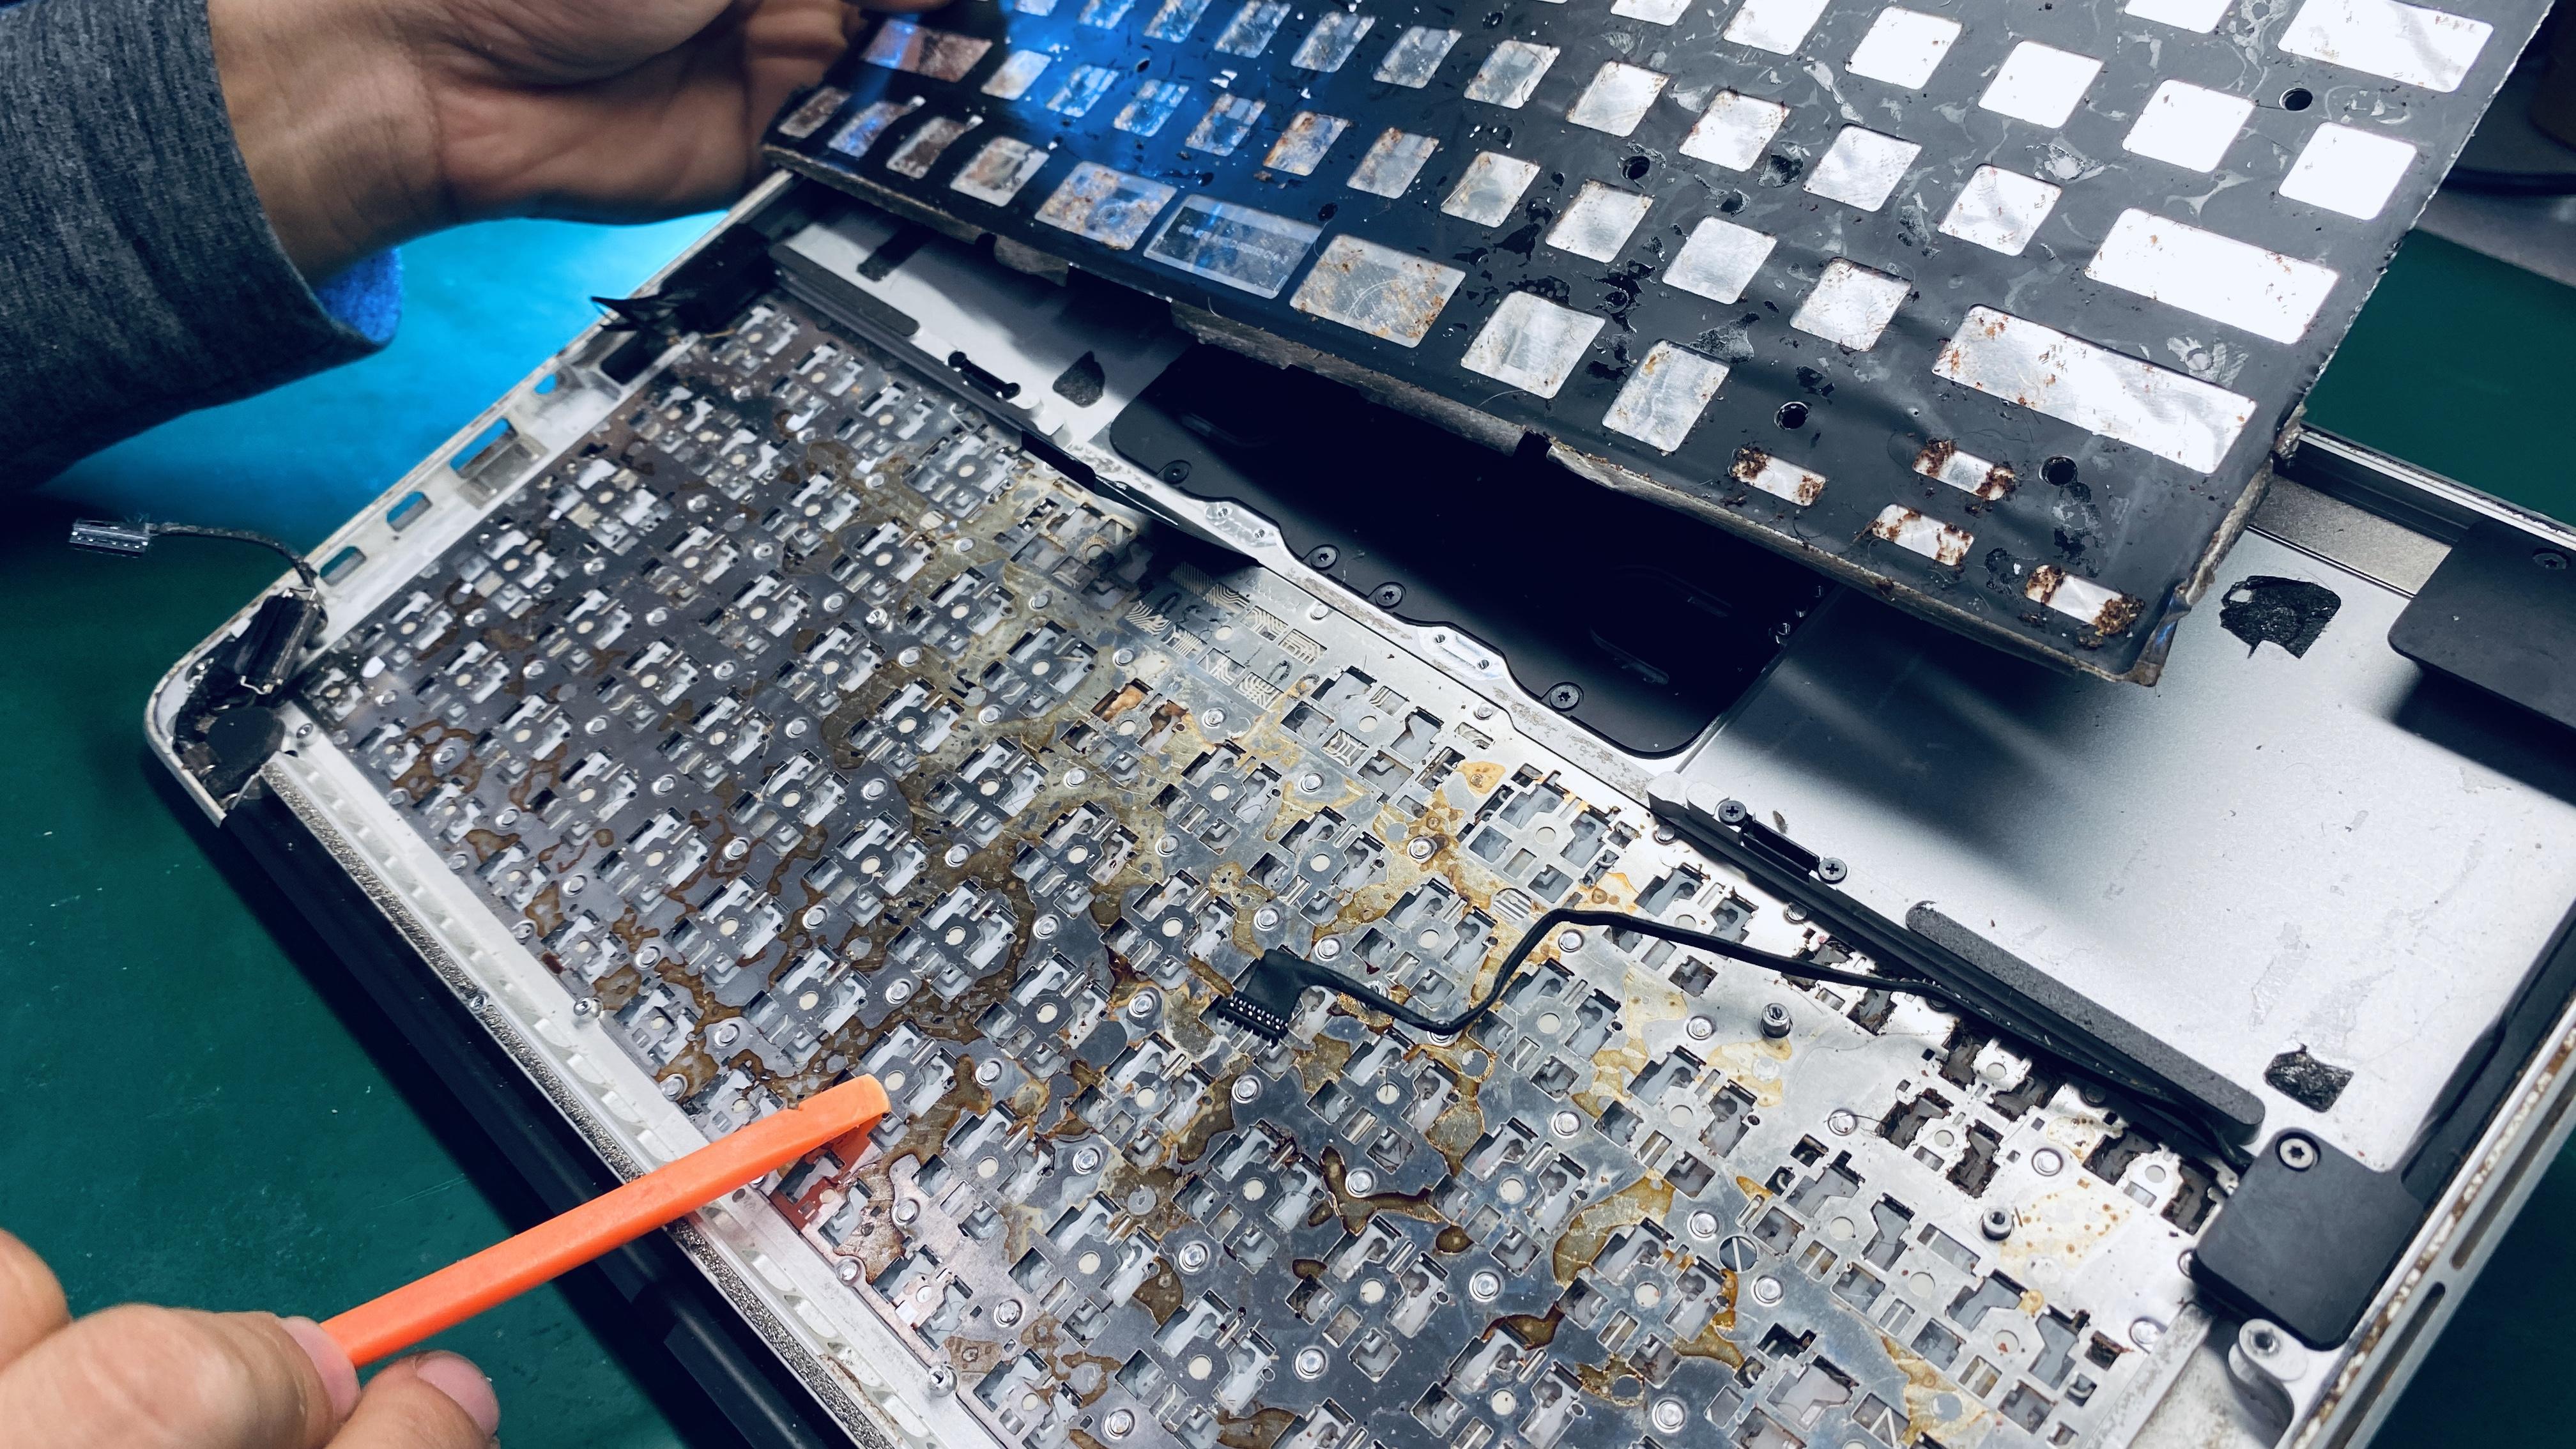 keyboard replacement liquid damage repair